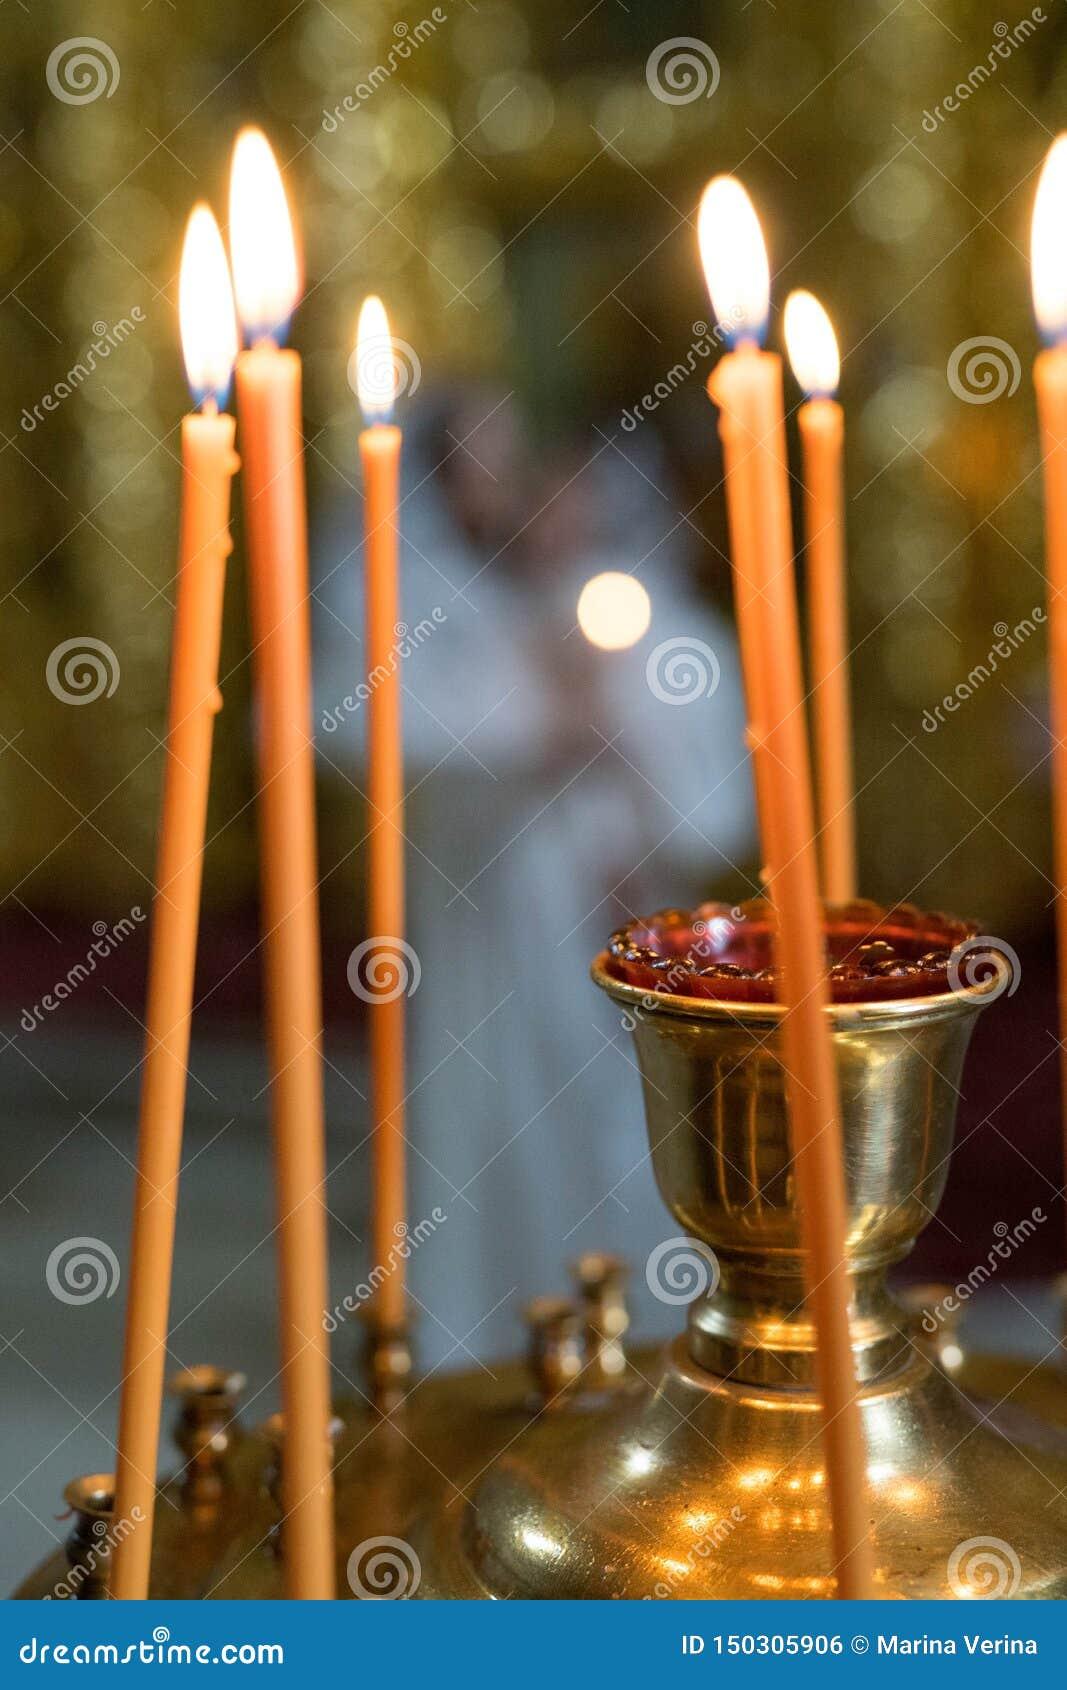 Pomarańczowe świeczki stojaka w żelaznym candlestick i ogieniu zaświecają